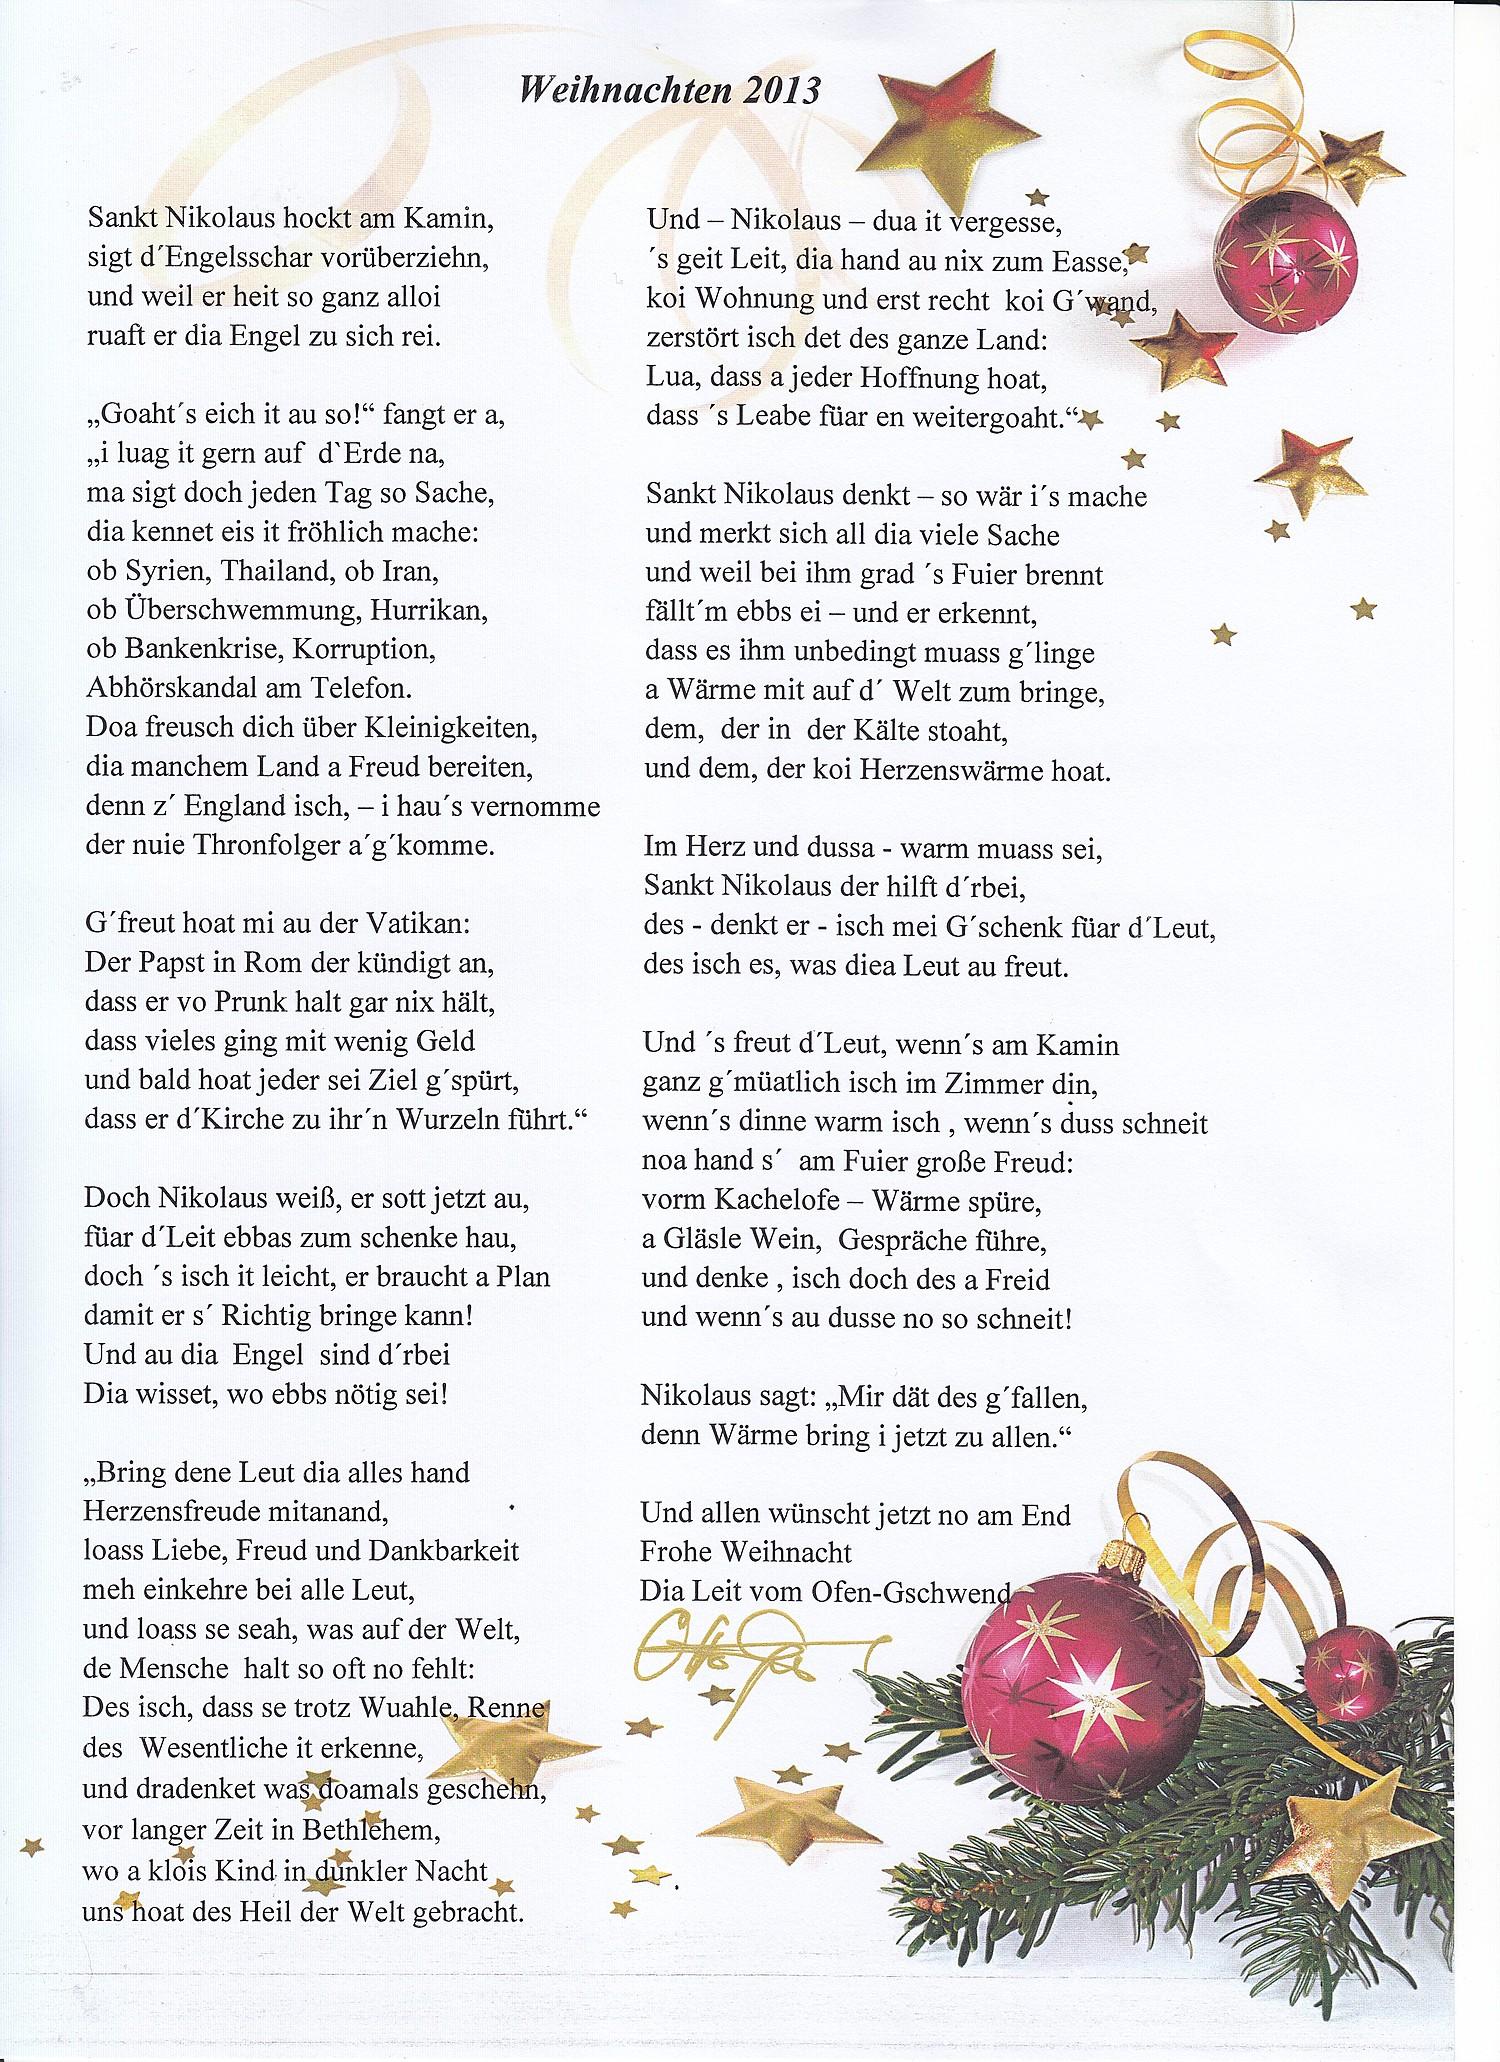 Weihnachtsgedicht 2013